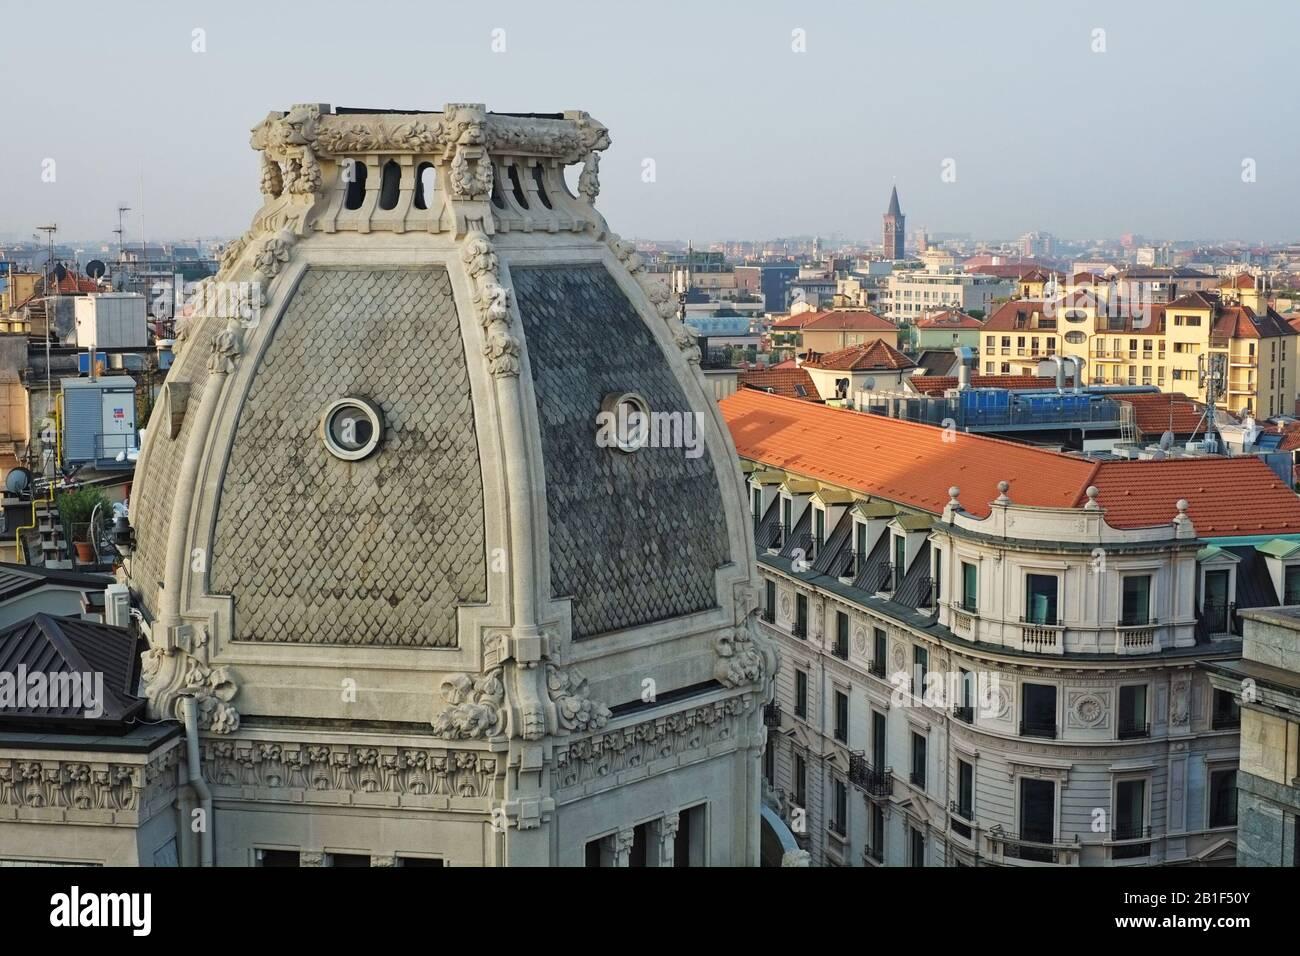 Ein enger Blick auf die Balustrade überragte die Dachkuppel des Palazzo Meroni - Löwen und Blumengarlands, Okulifenster und die Stadt Mailand im Hintergrund Stockfoto